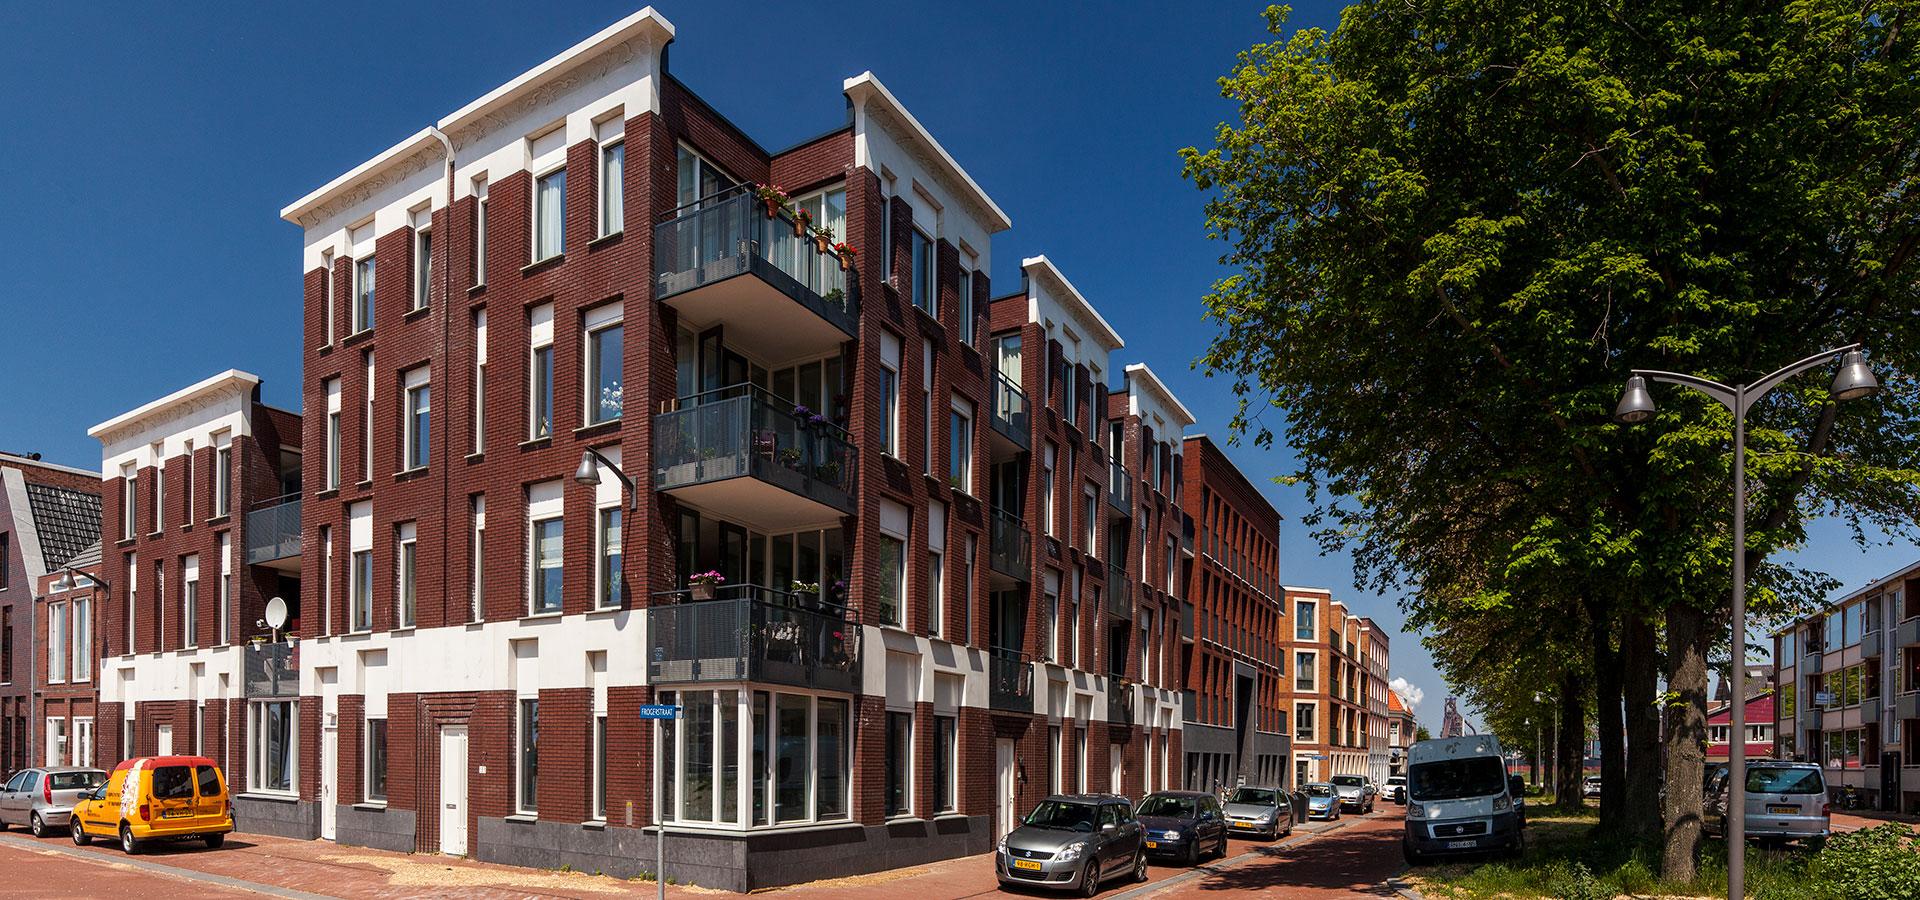 FARO architecten herstructurering Oud IJmuiden 08